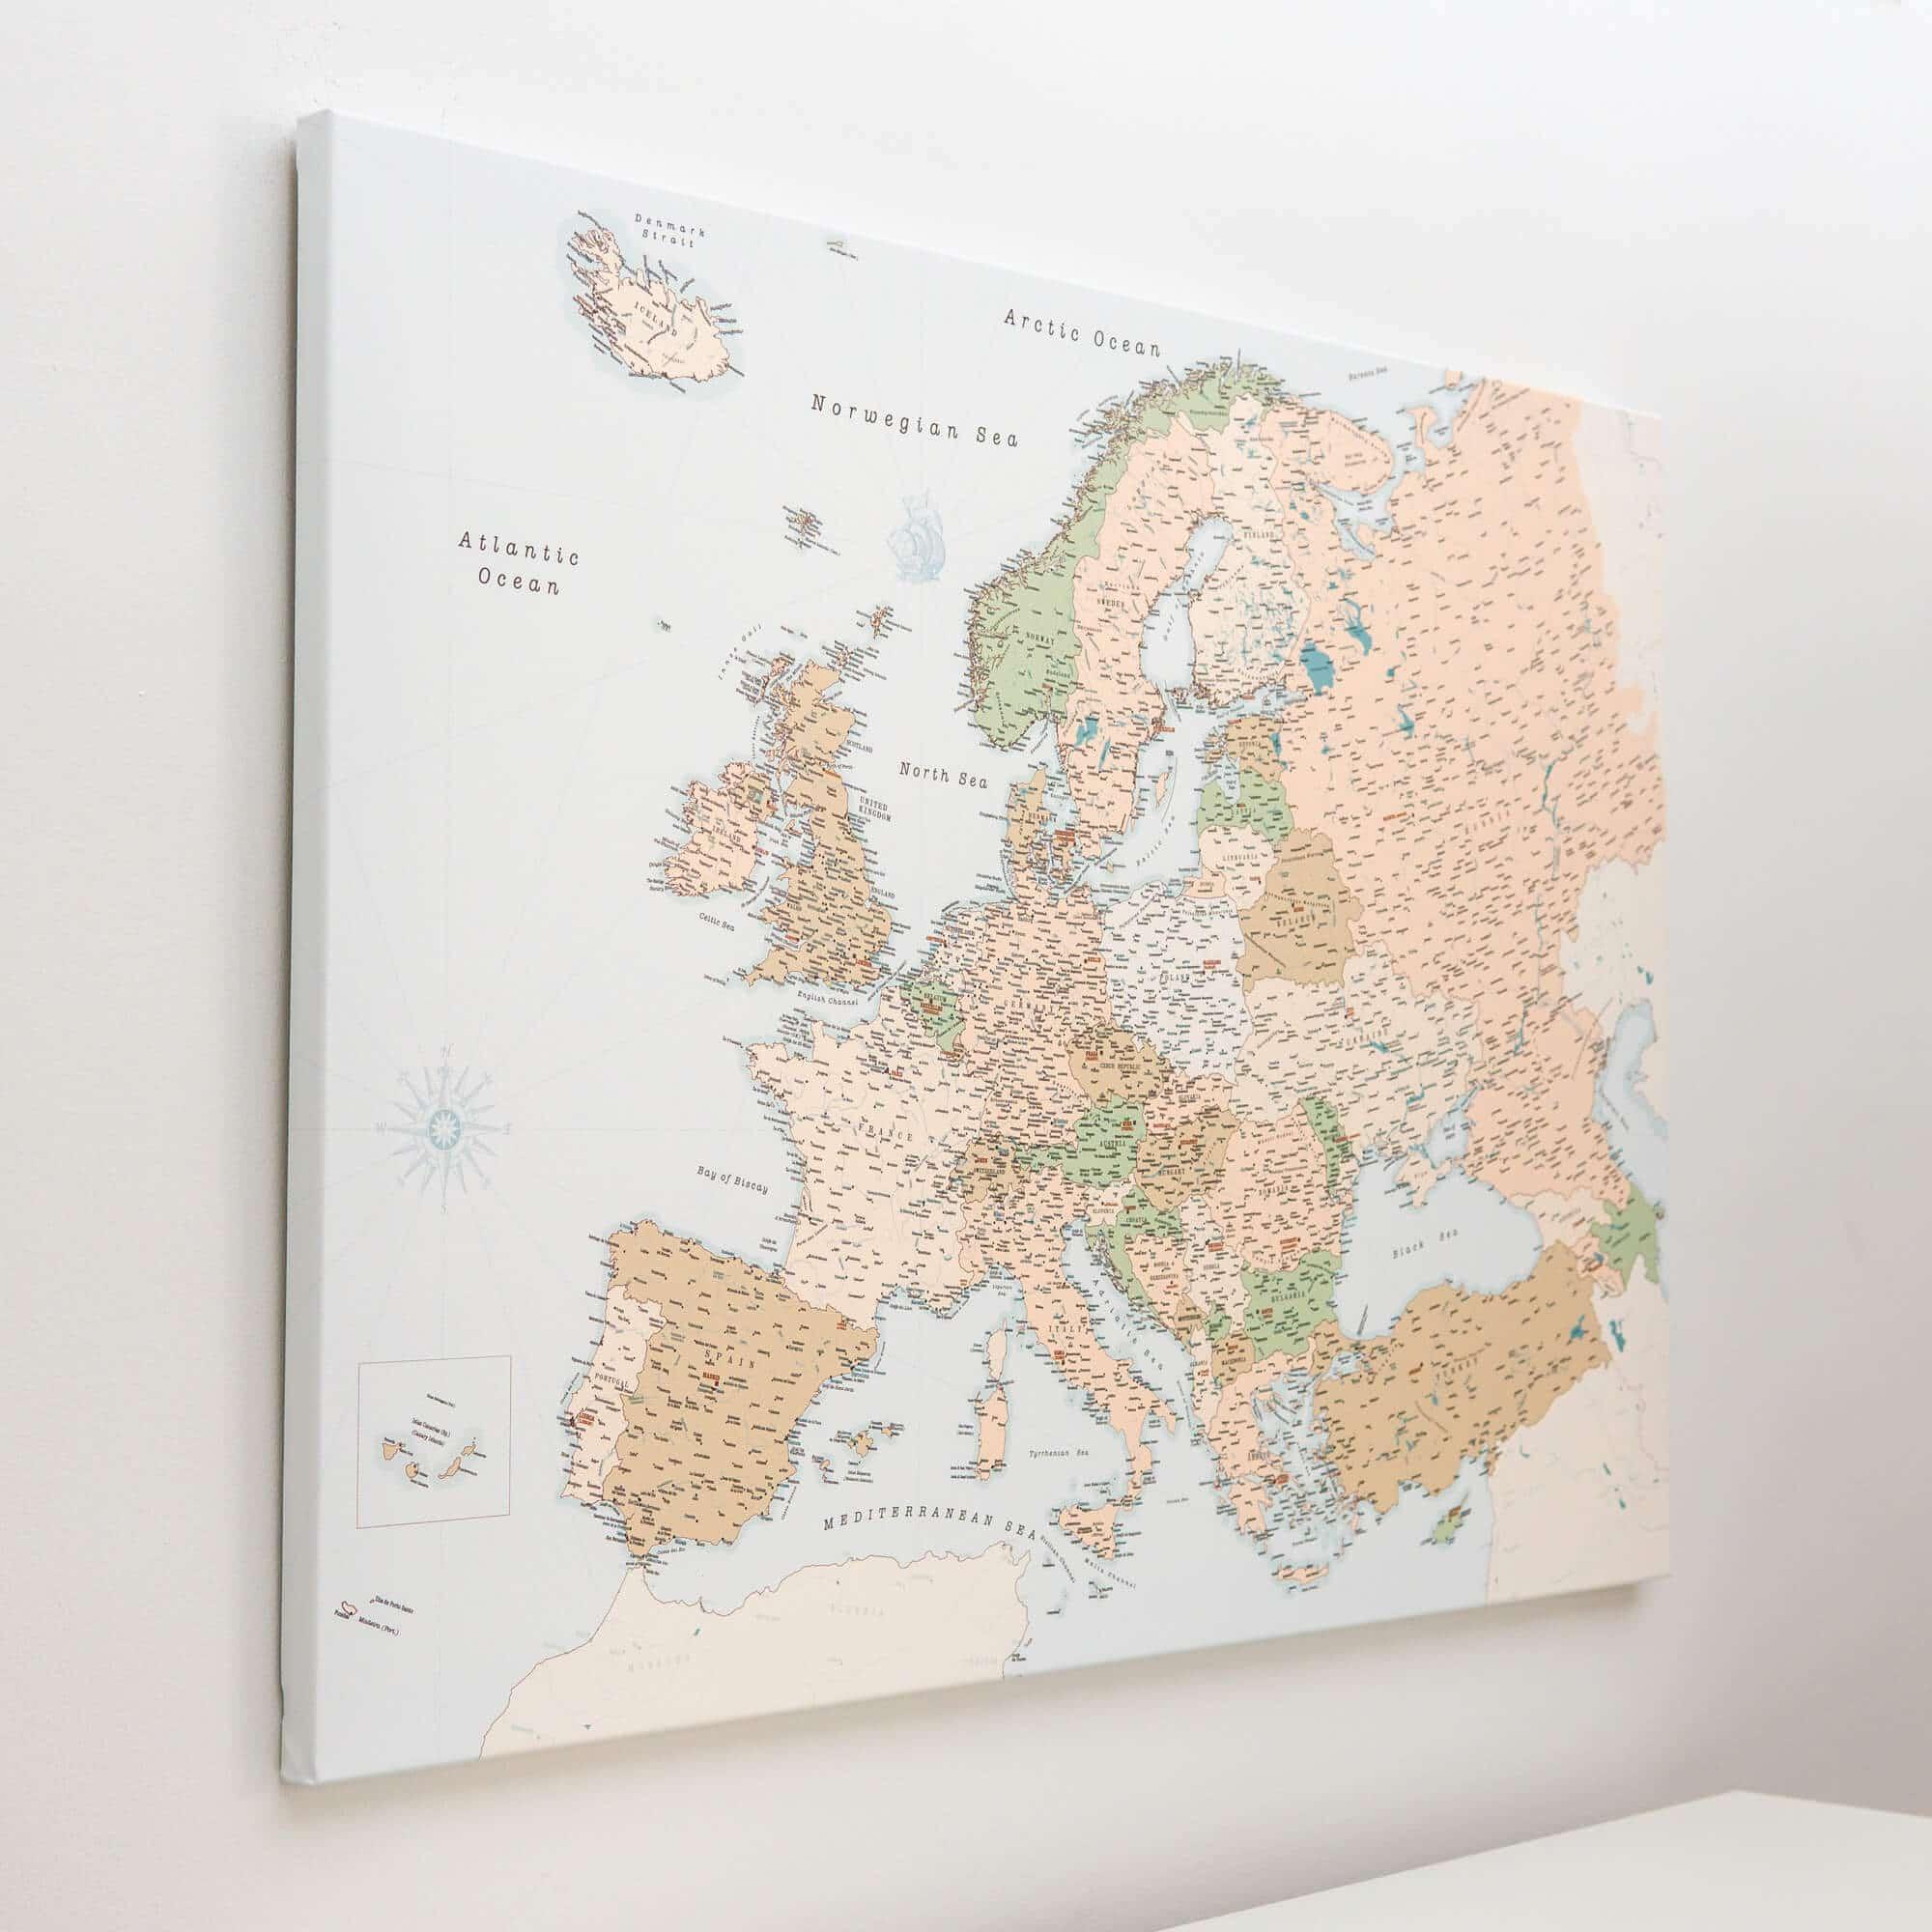 detailliert europa karte mit pins tripmapworld